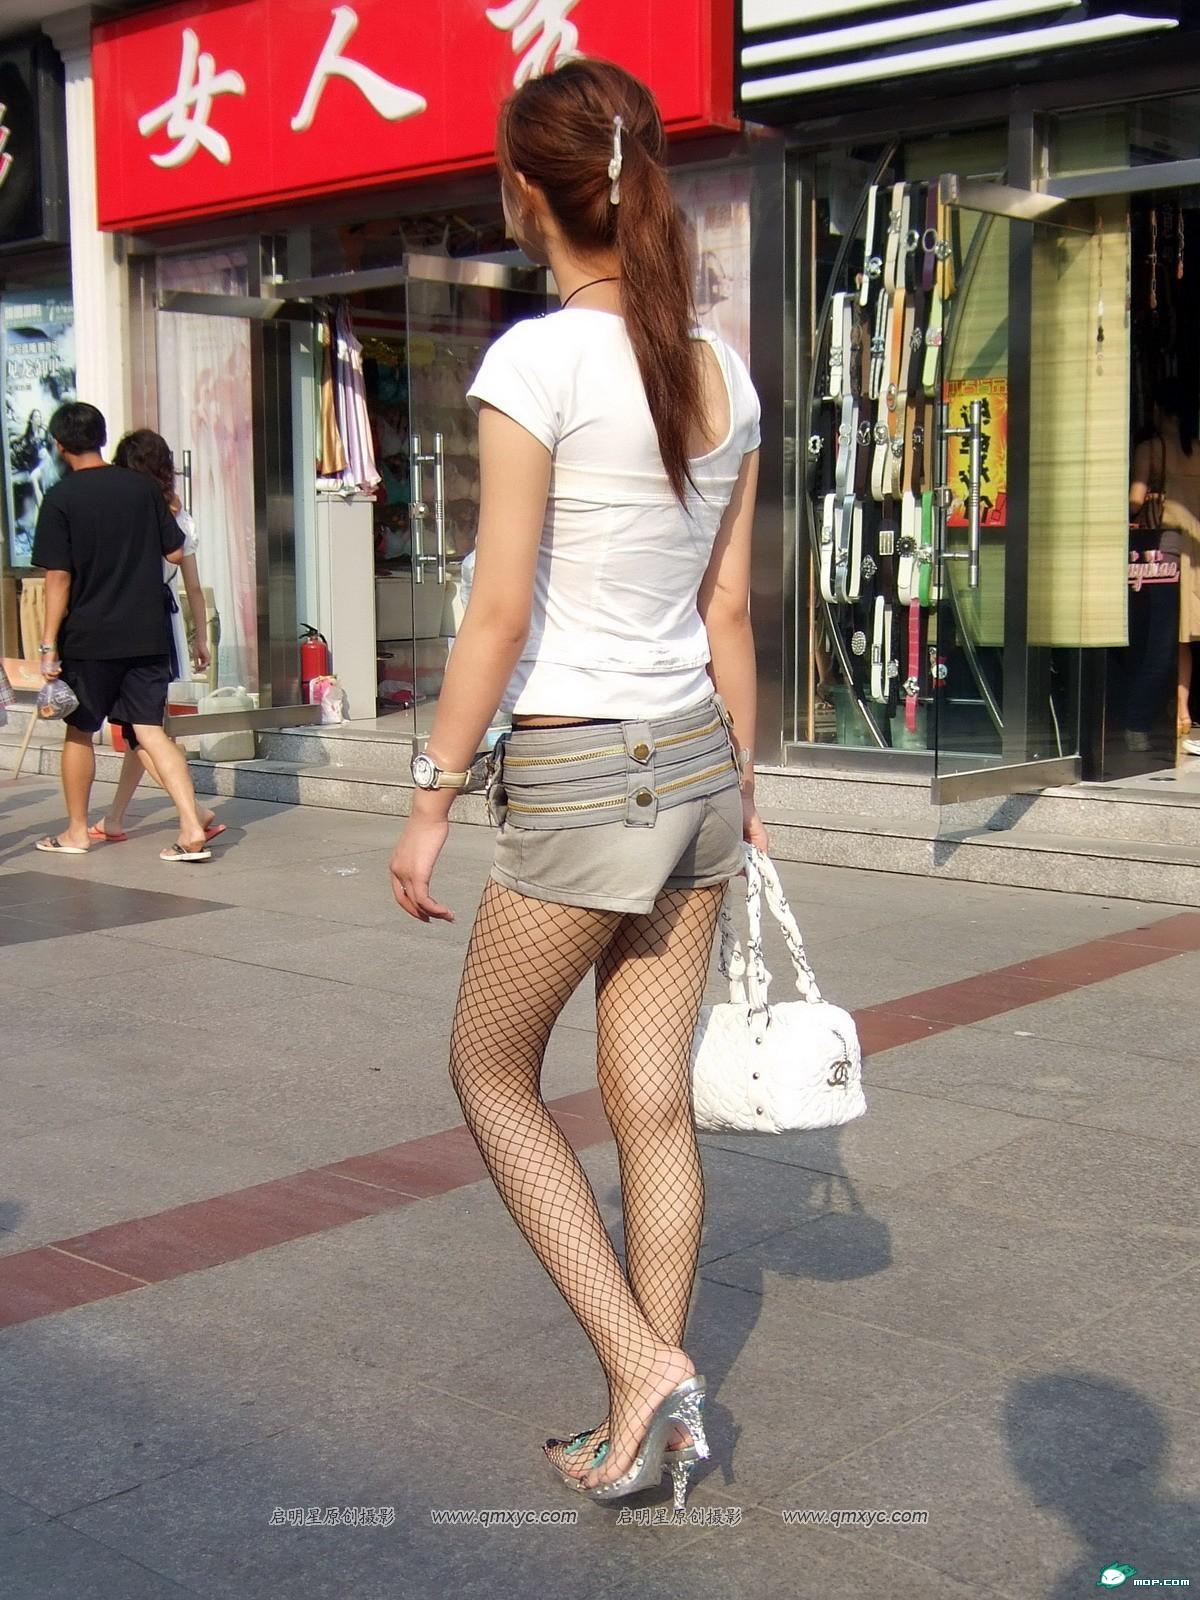 路遇网袜长腿美眉 时尚与经典的交叉点 竖